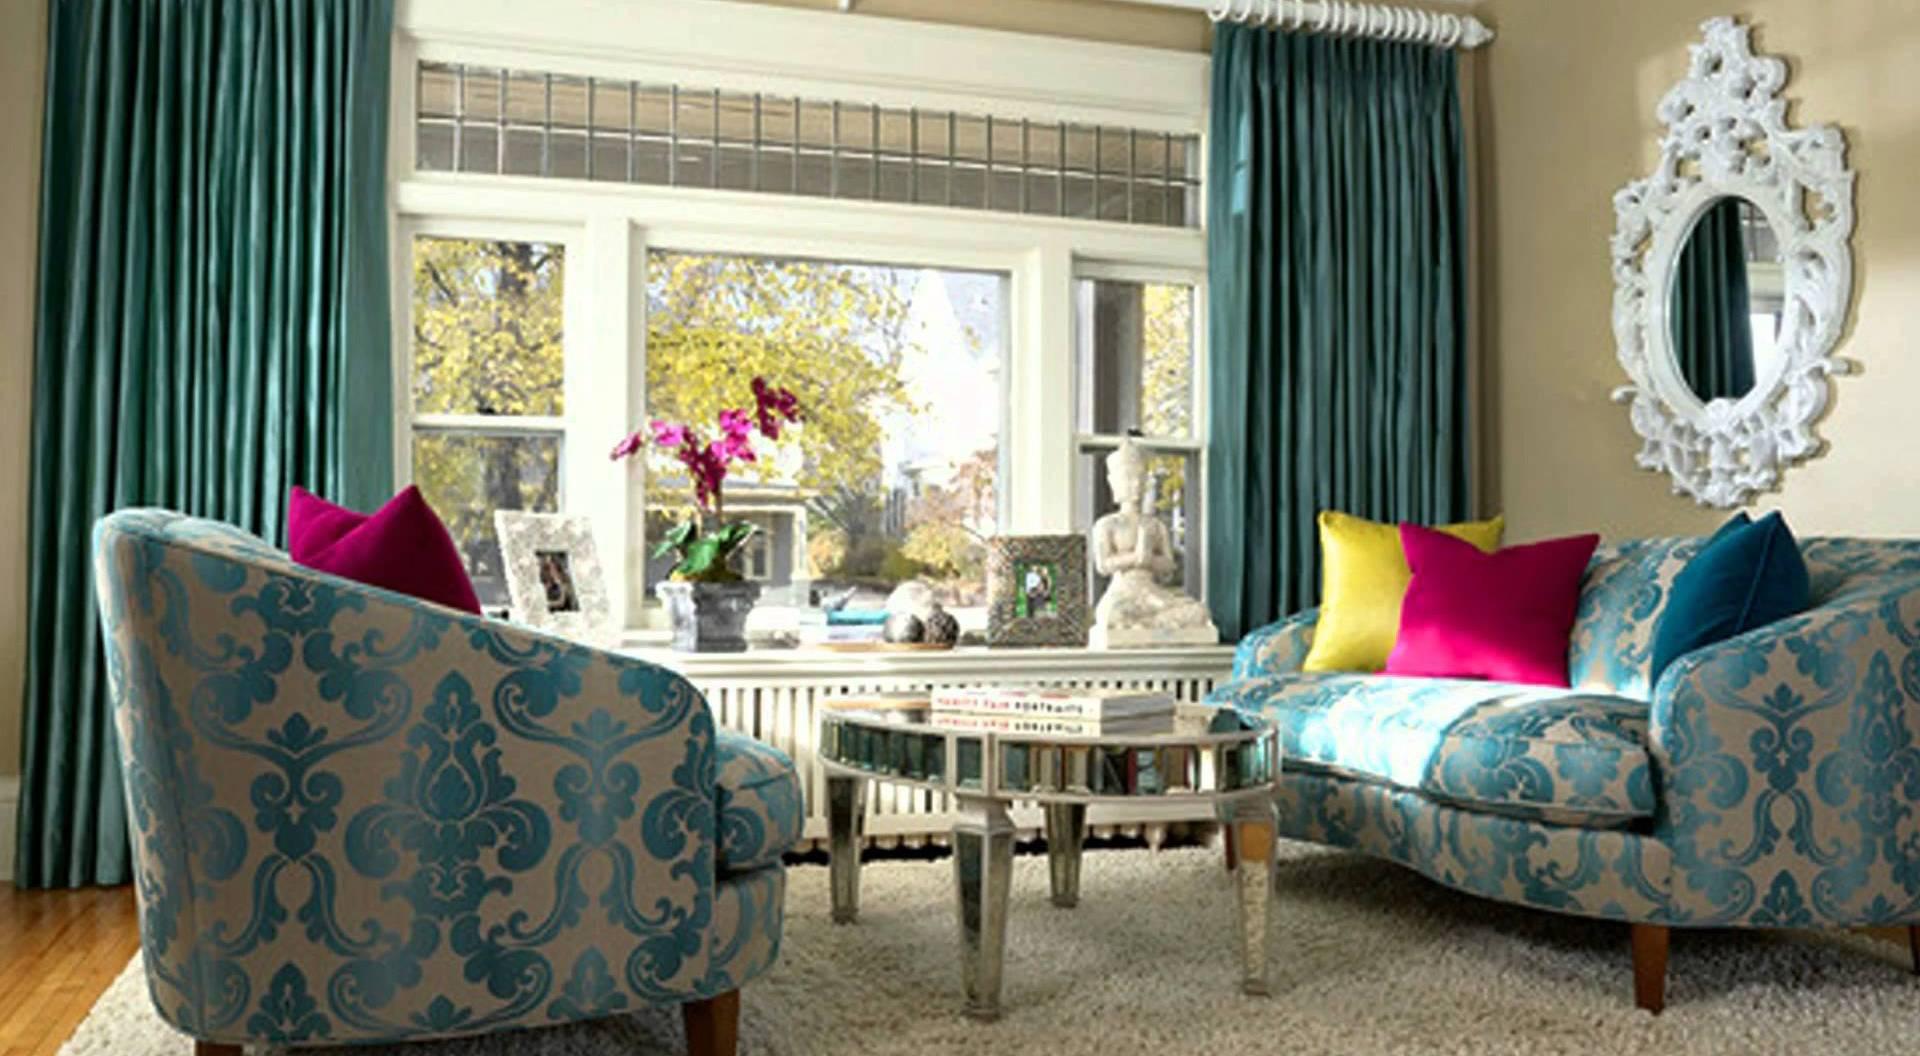 wohnzimmer inpirationen in blau mit barok motiven-zimmergestaltung mit wandfarbe beige und gardinen blau-polstersofas in beige und blau mit farbigen kissen